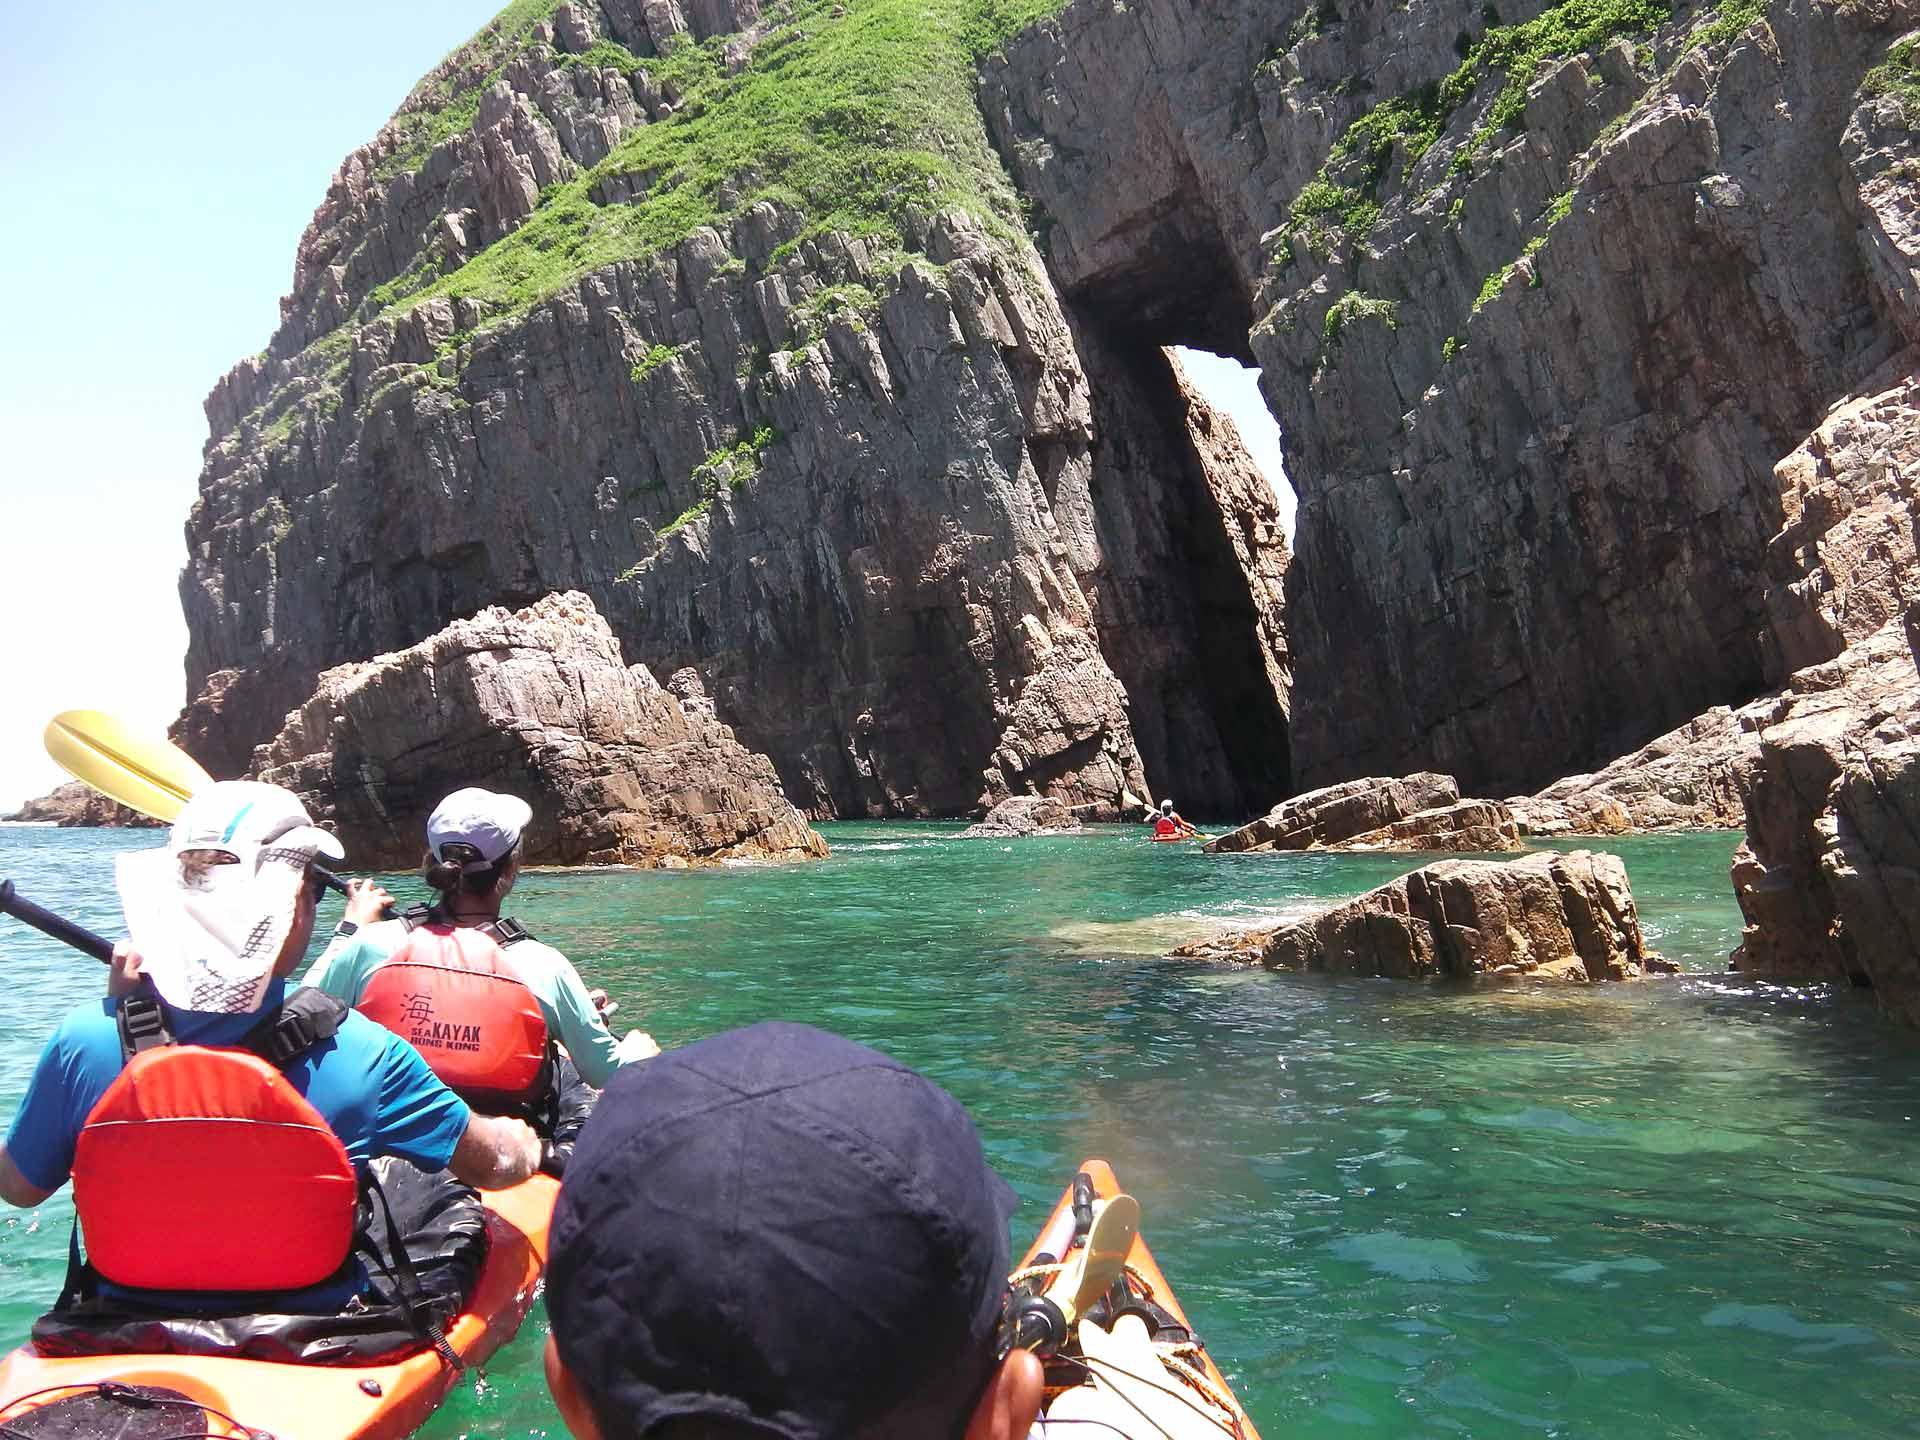 sai-kung-UNESCO-sea-kayak-hong-kong-cave3